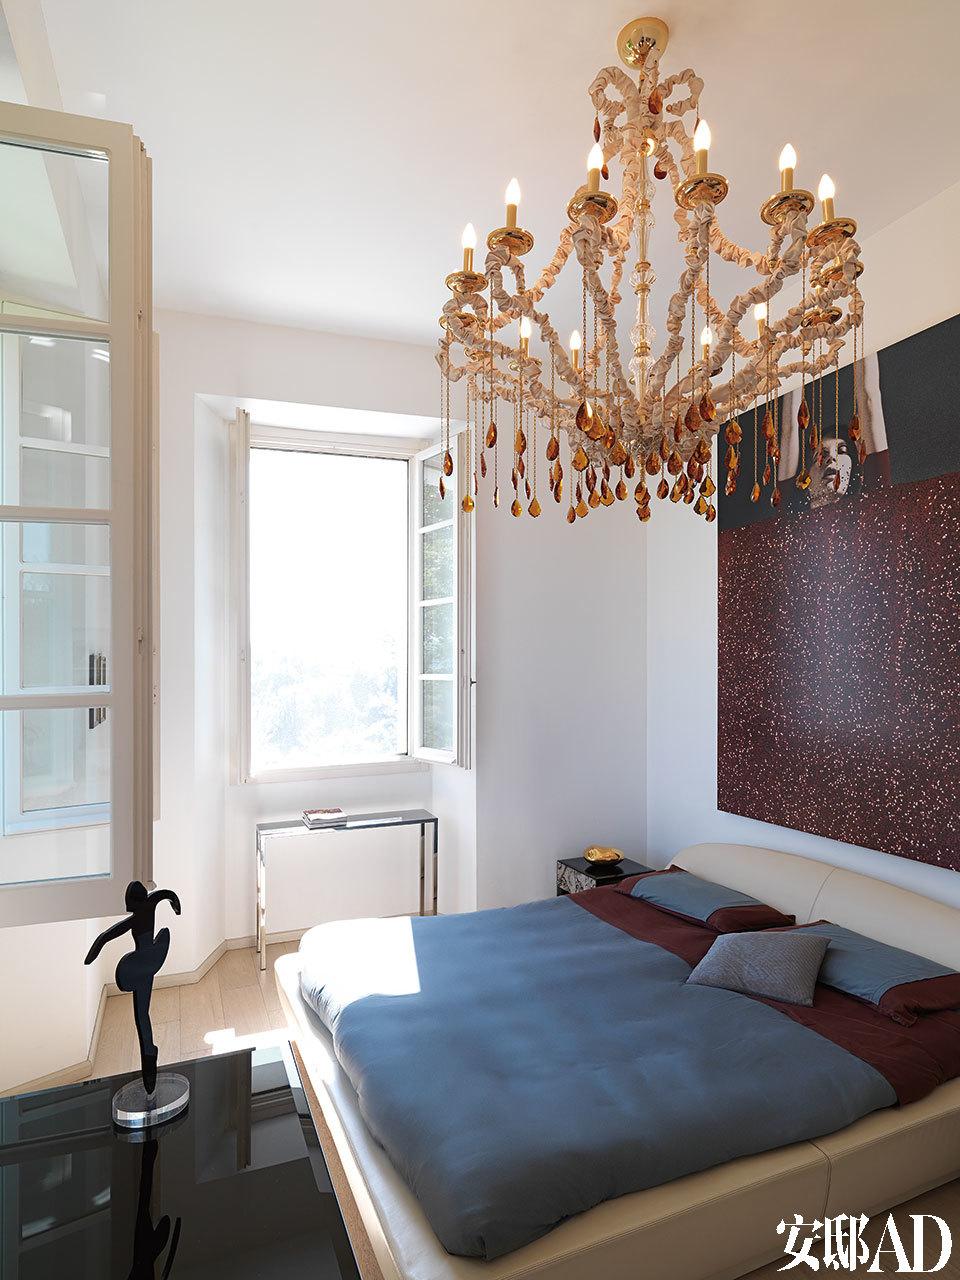 一间卧室中,Big Sleep双人床由Roberto Lazzeroni设计,枝形吊灯Mizar由SamueleMazza设计。 楼上的卧室总是充满阳光,颇具个性的艺术品令空间更与众不同。